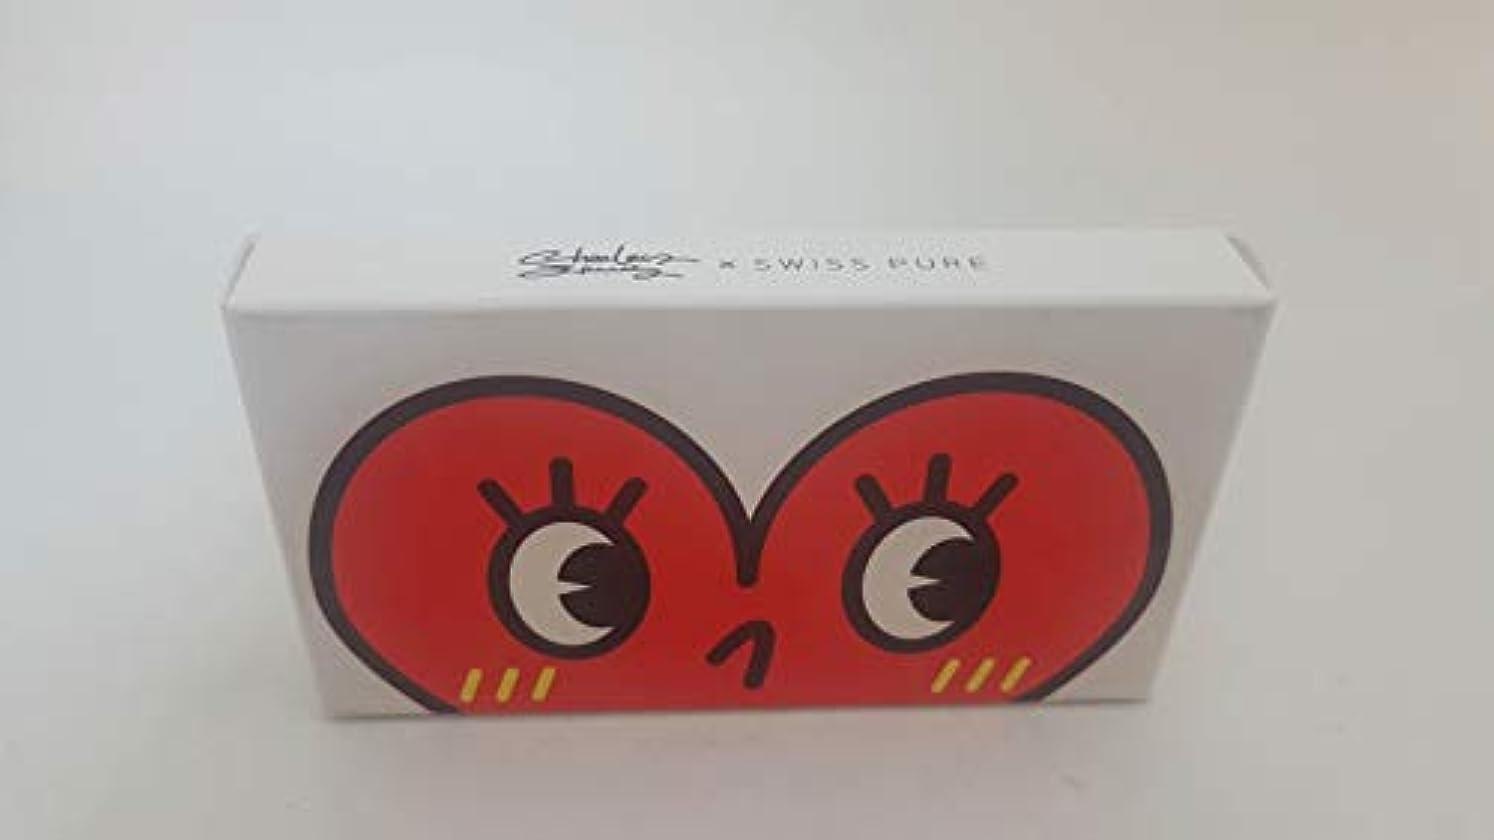 風が強い芽ピボットSWISS PURE Eye Make-up Kit (NO.1 Apri Tone) [並行輸入品]